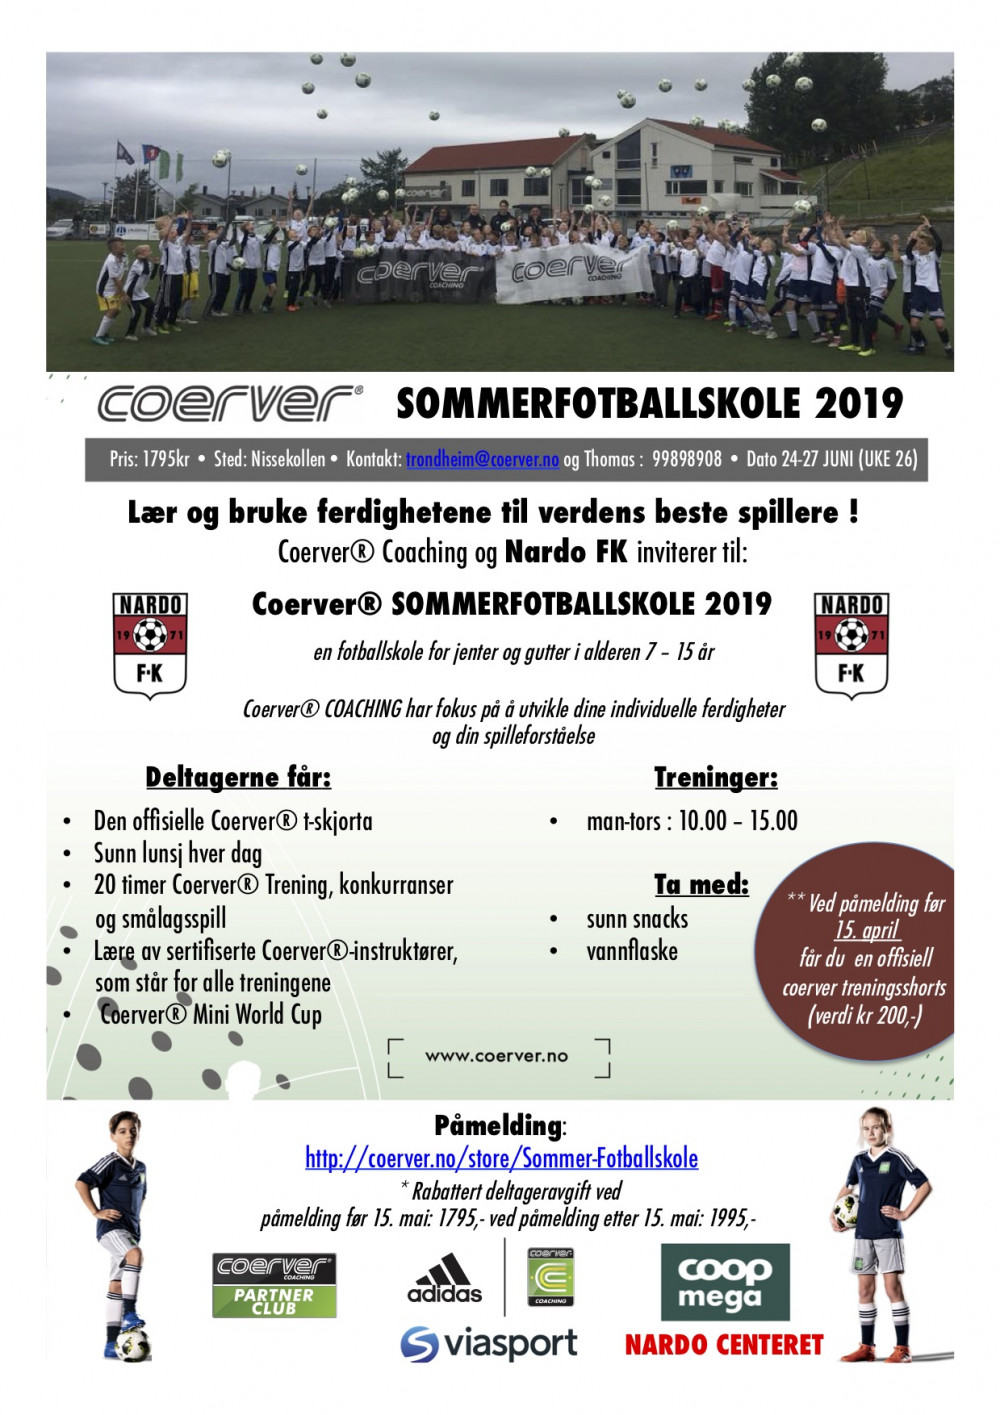 Coerver Sommerfotballskole hos Nardo FK (UKE 26)  2006-2012